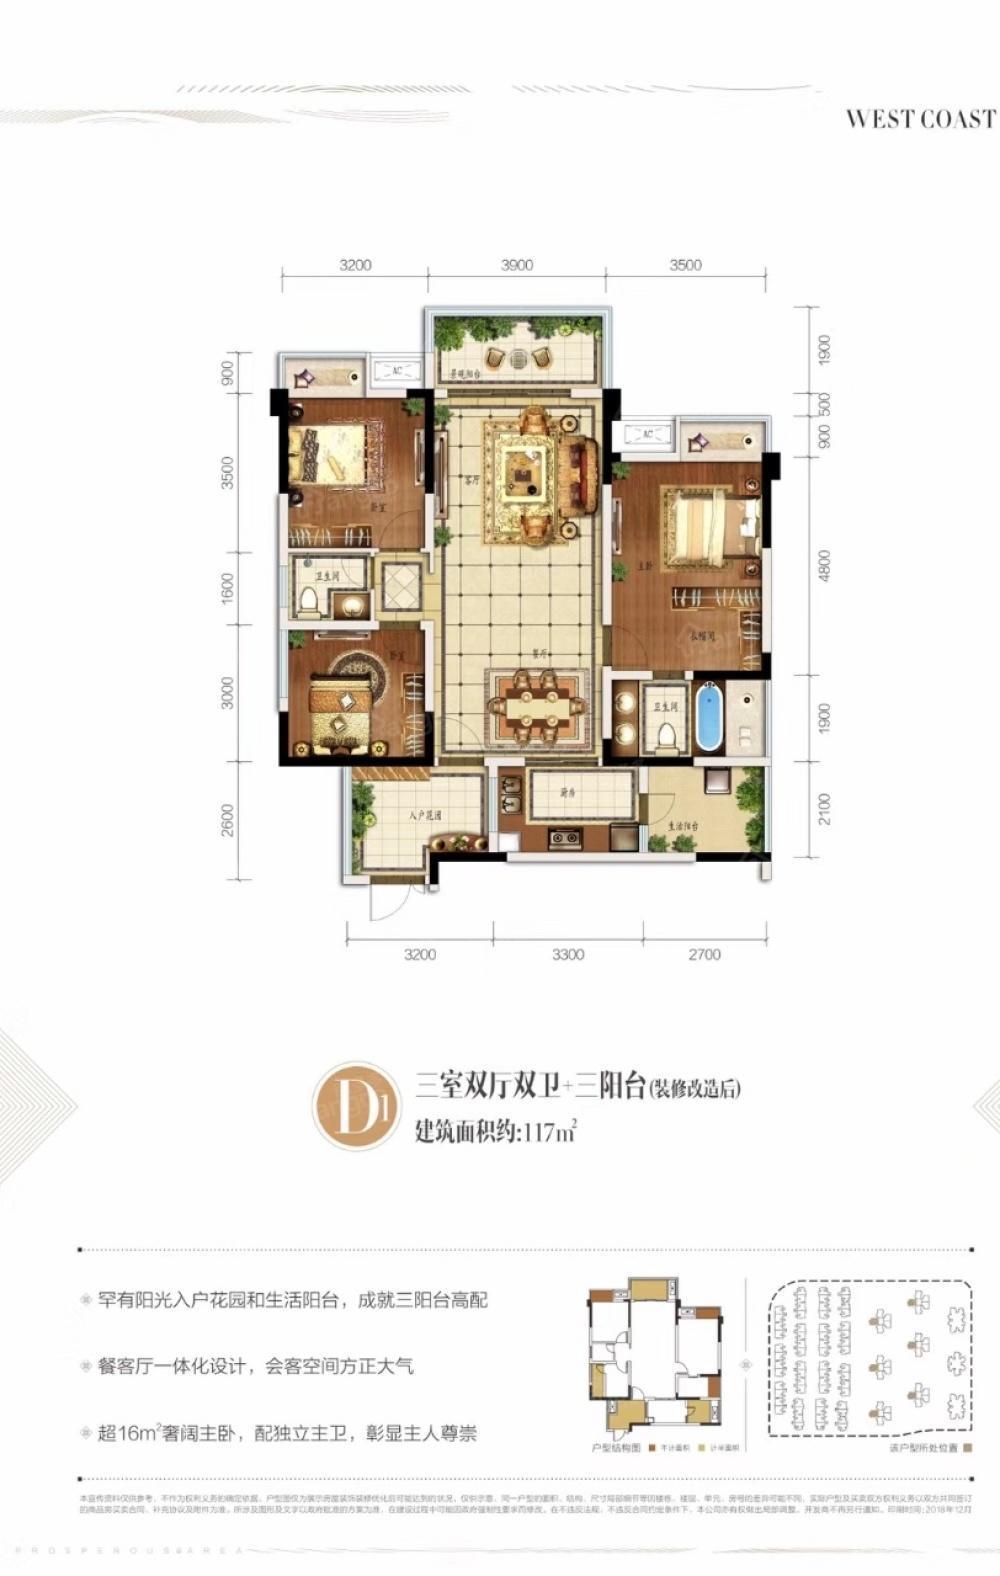 和泓文华府3室2厅2卫户型图